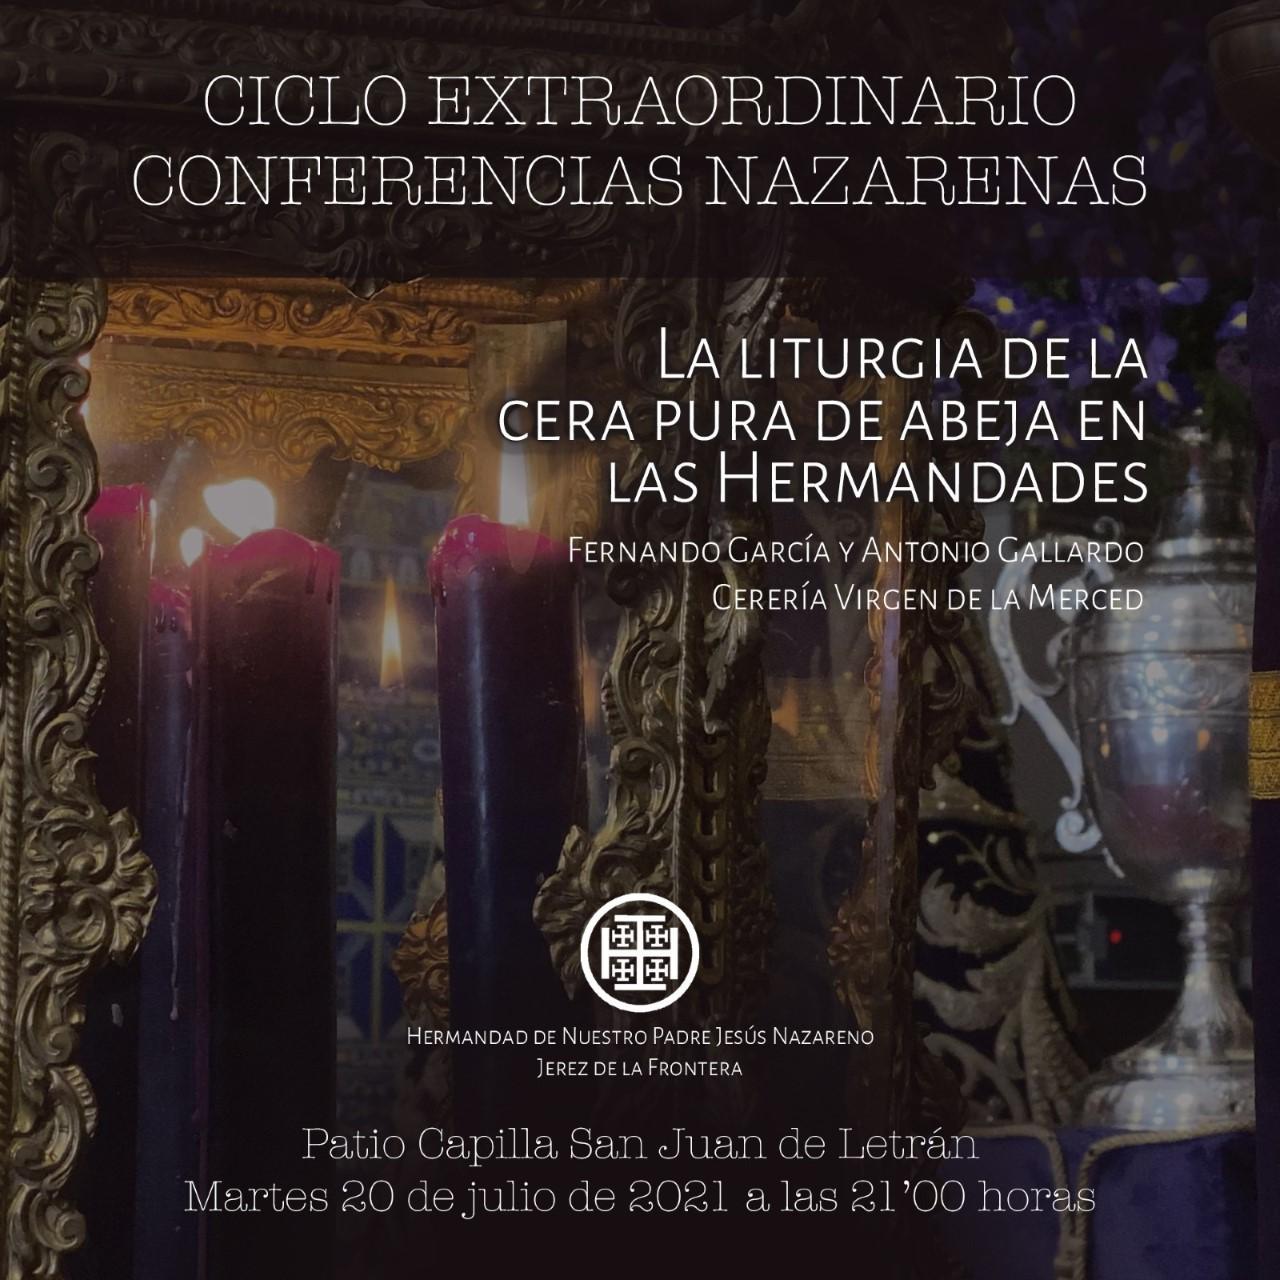 Ciclo extraordinario de conferencias, en San Juan de Letrán